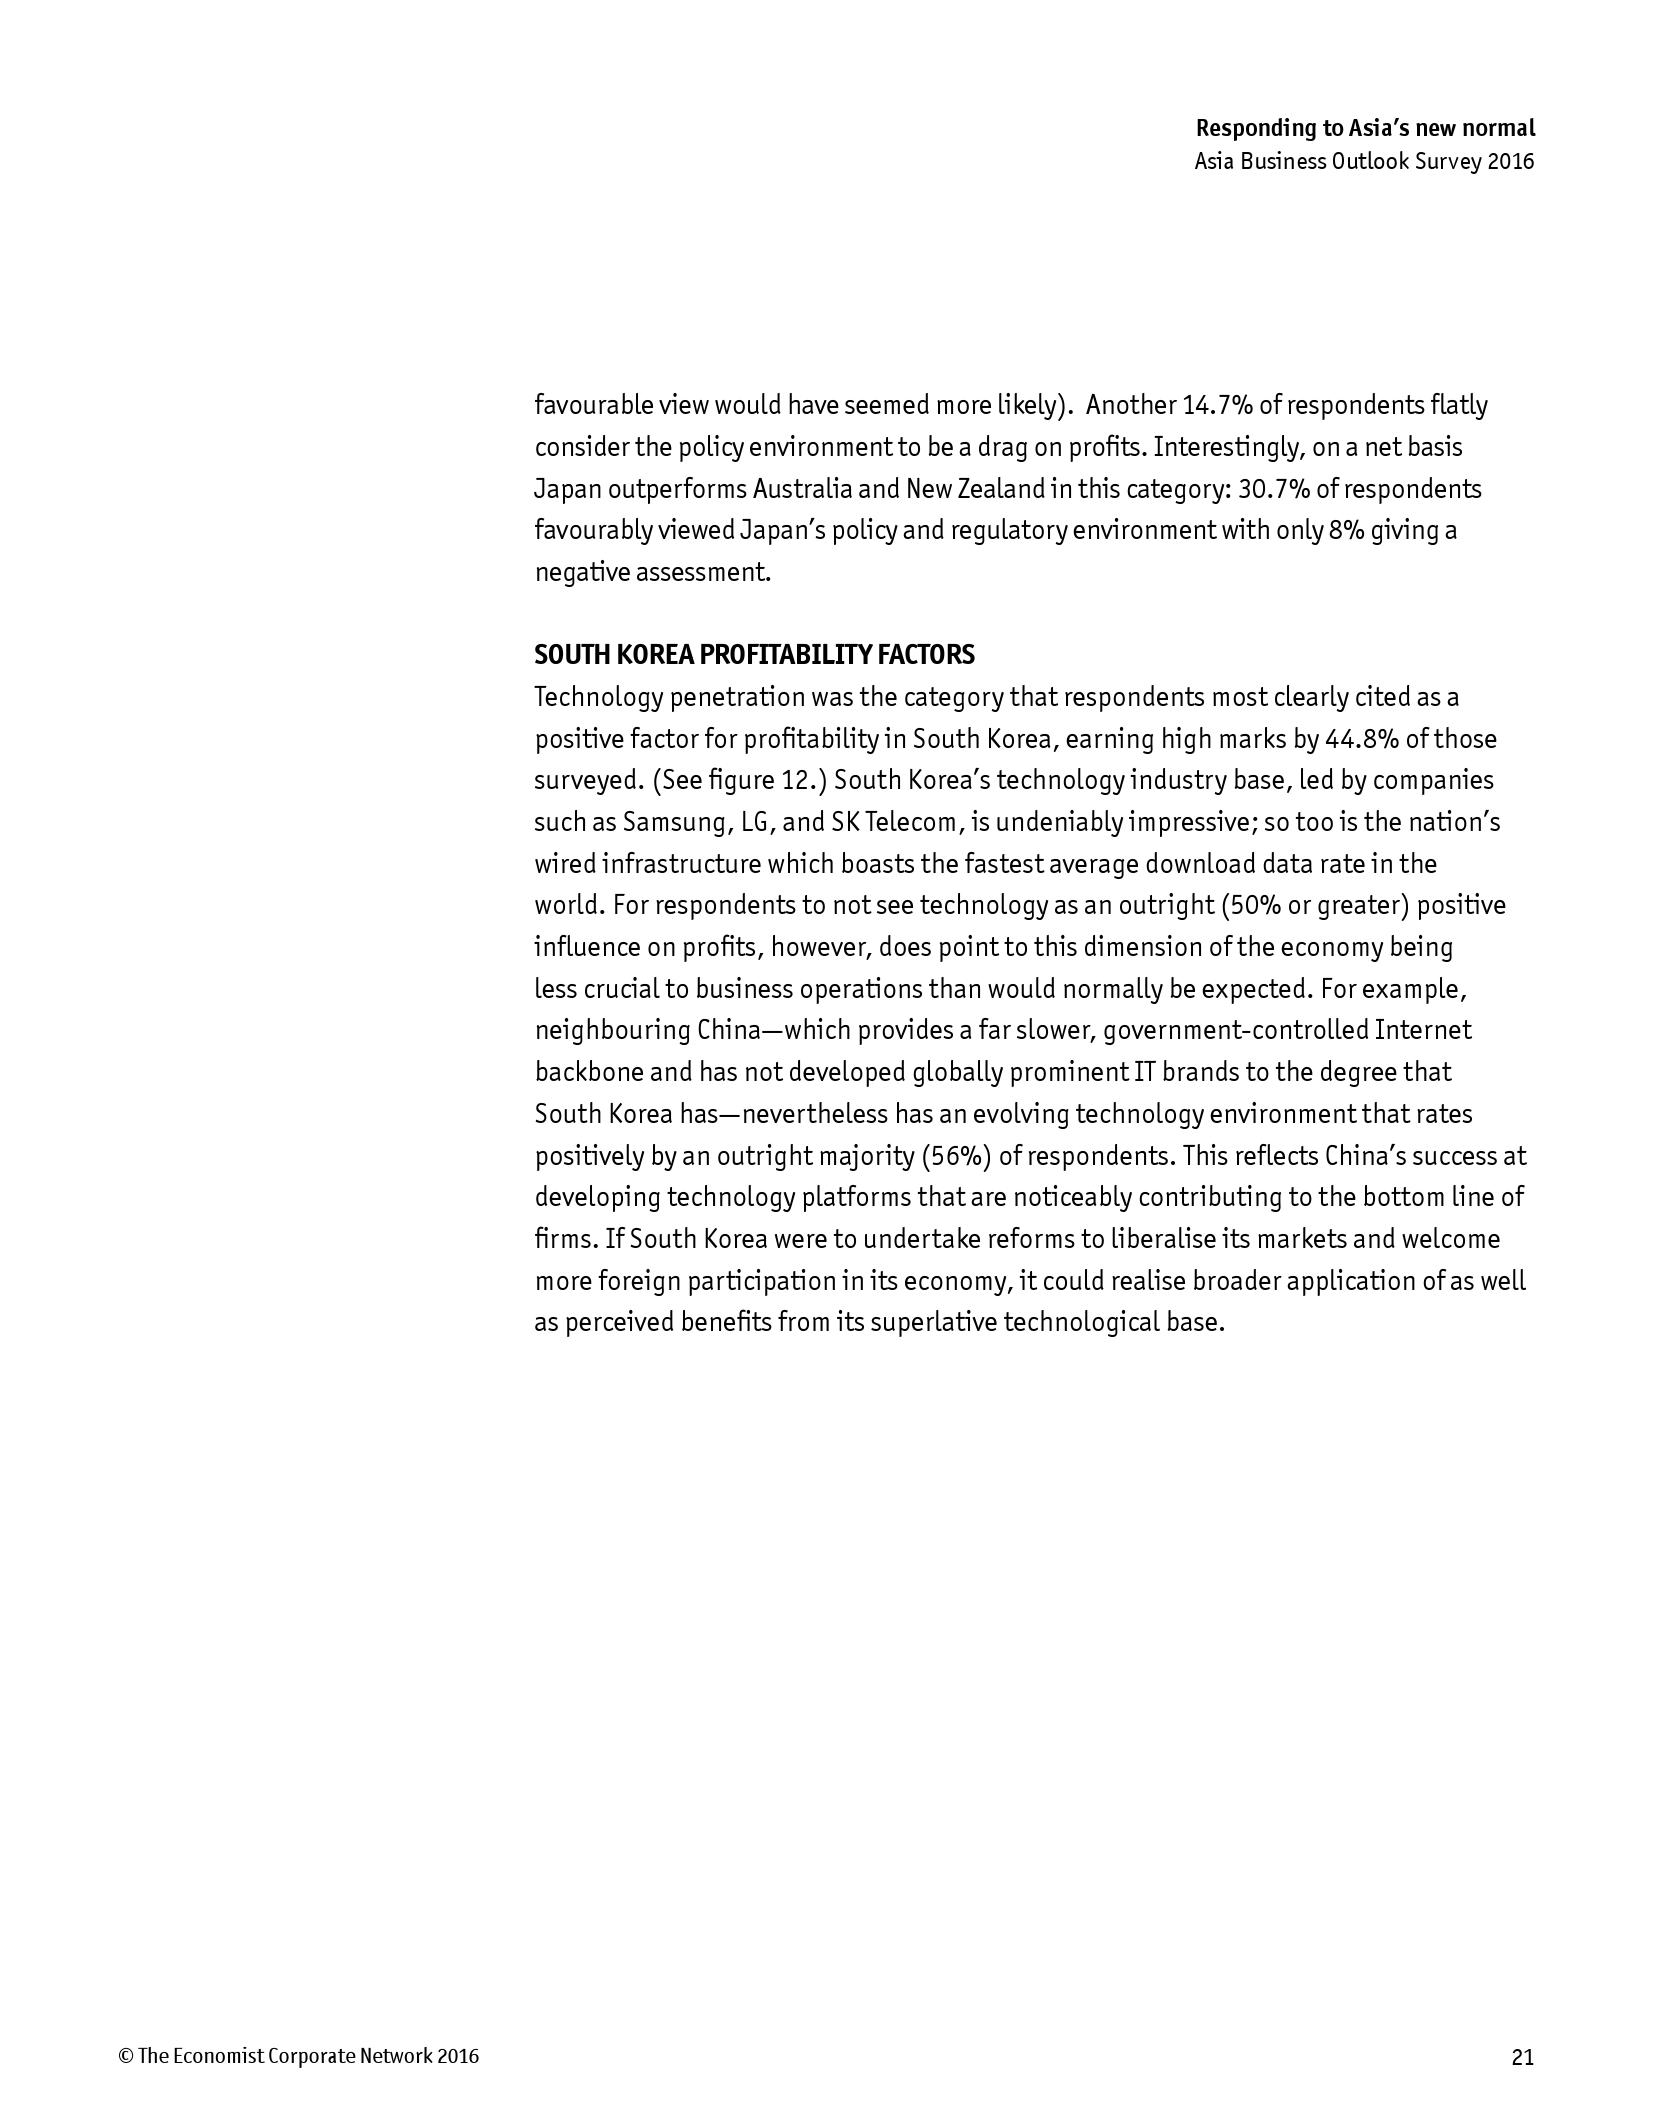 2016年亚洲商业展望调查报告_000023